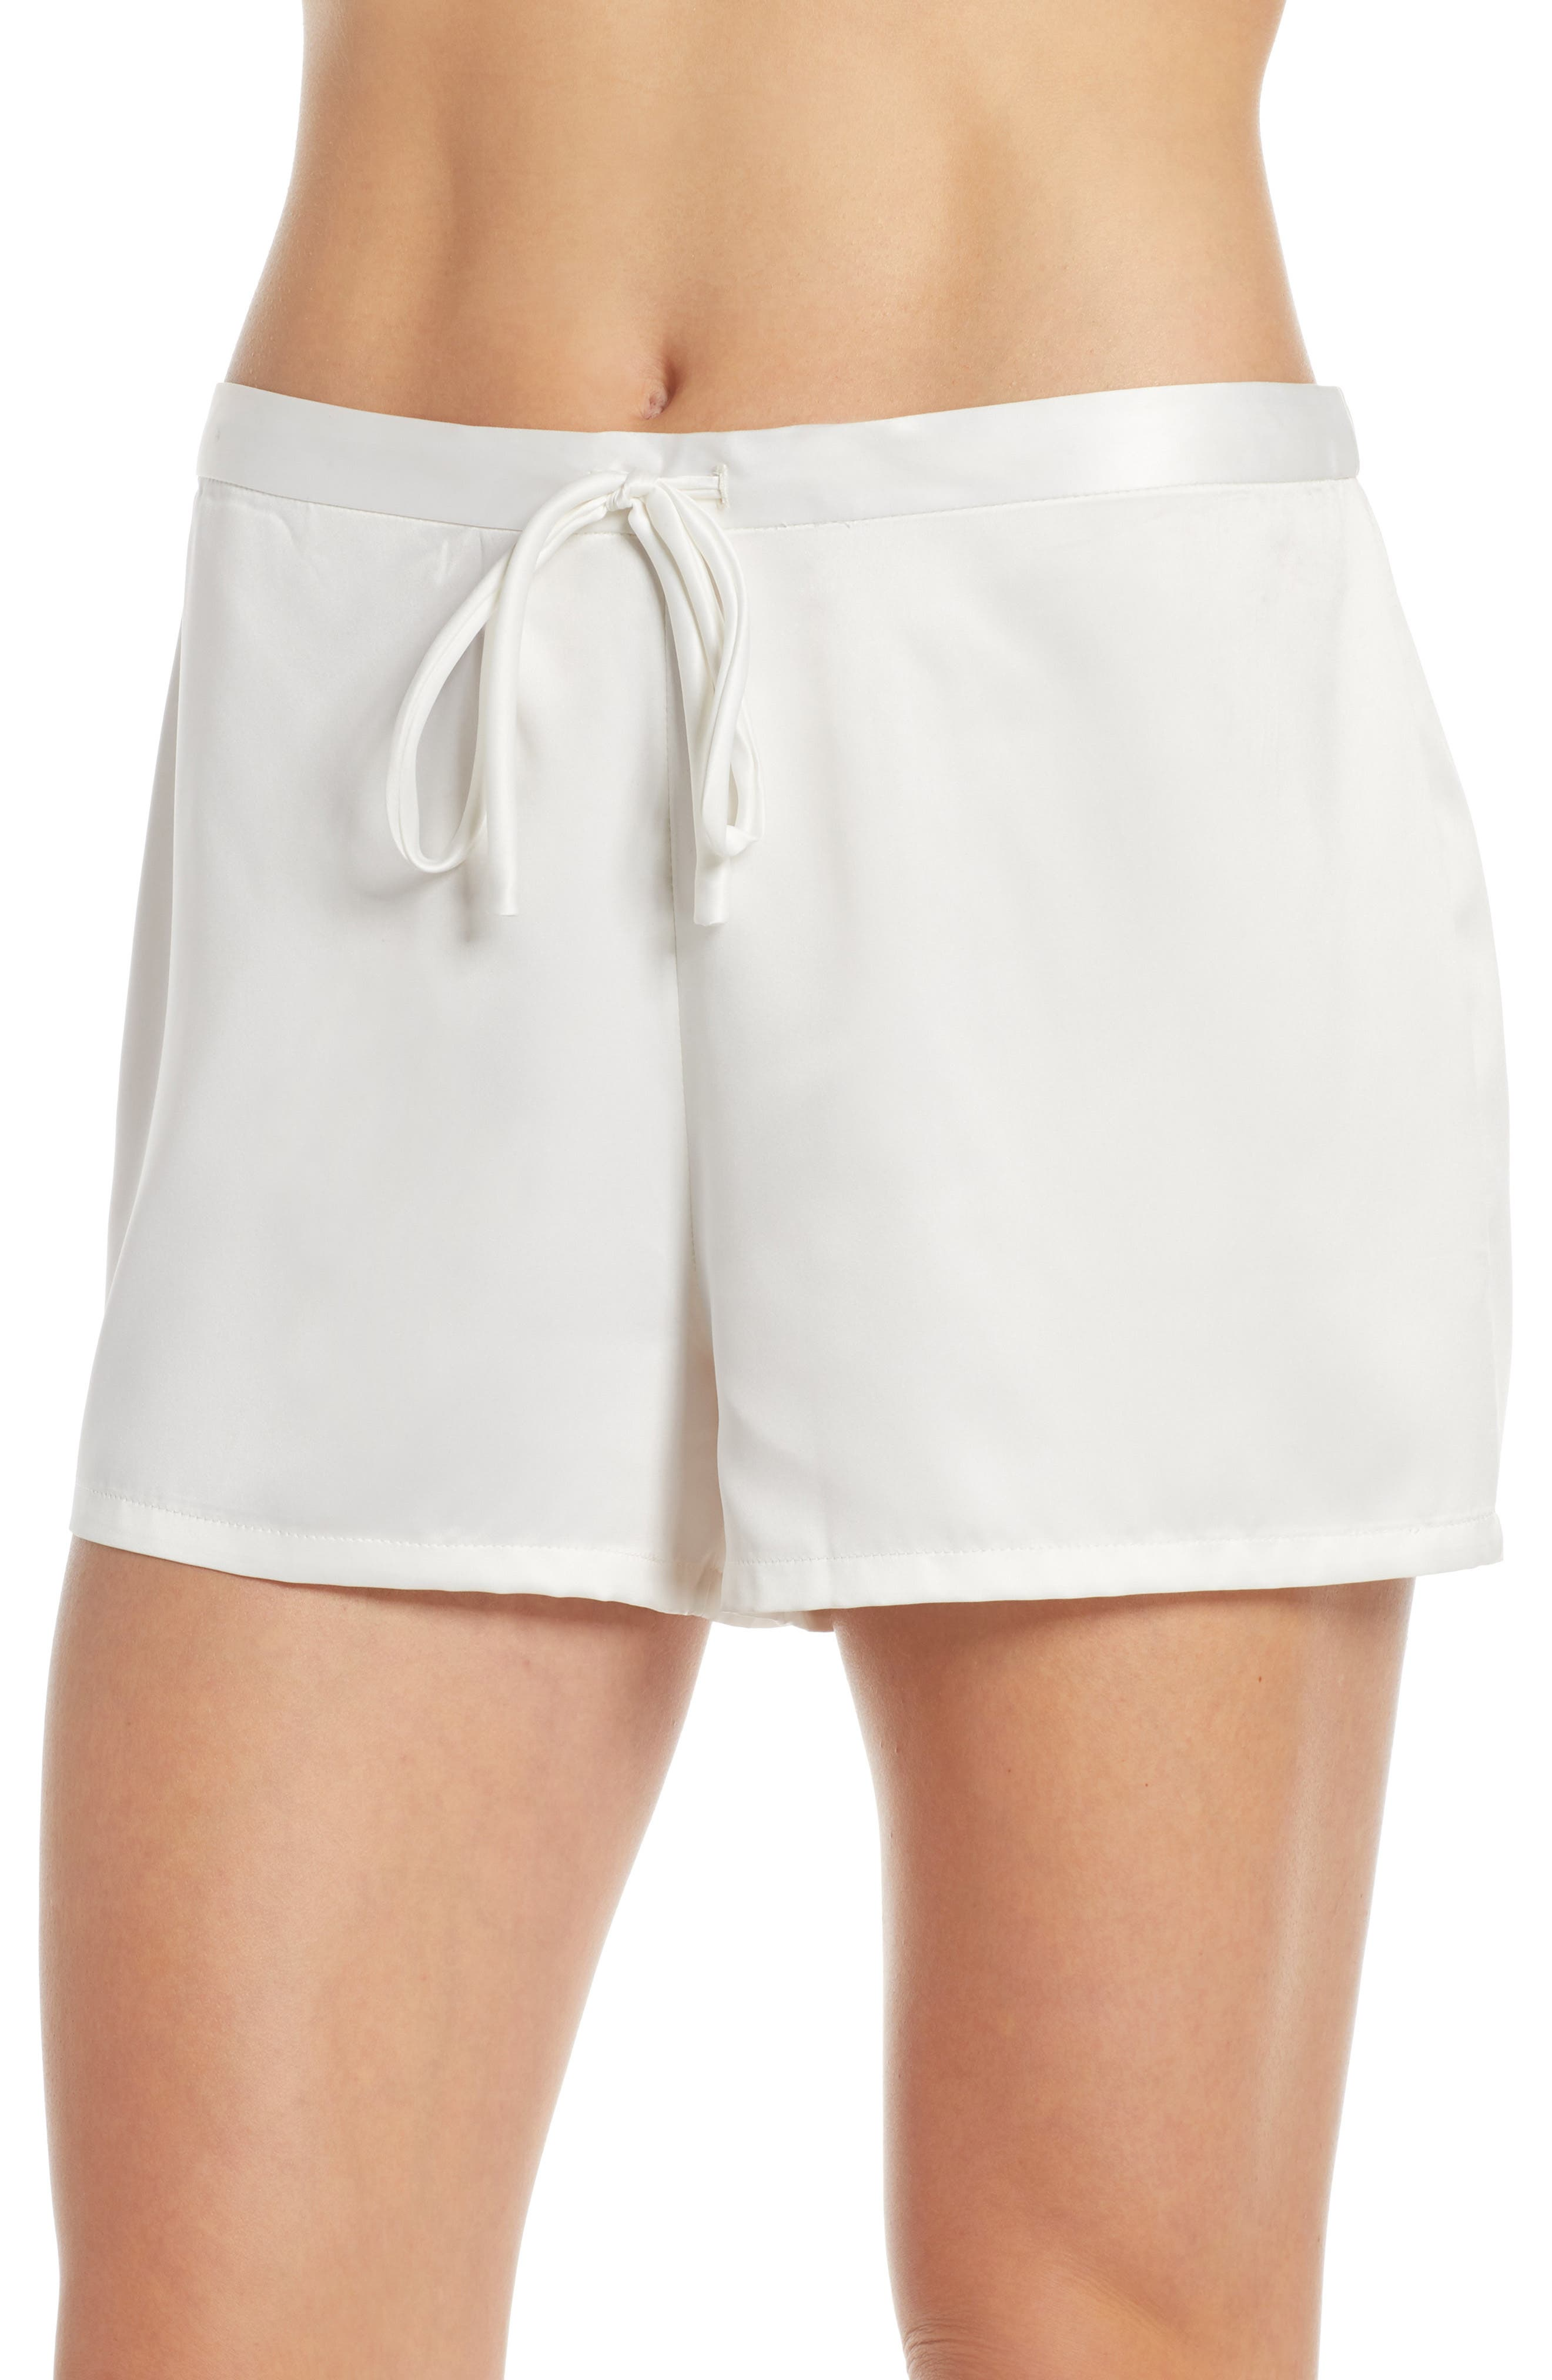 Natori Satin Elements Pajama Shorts, White